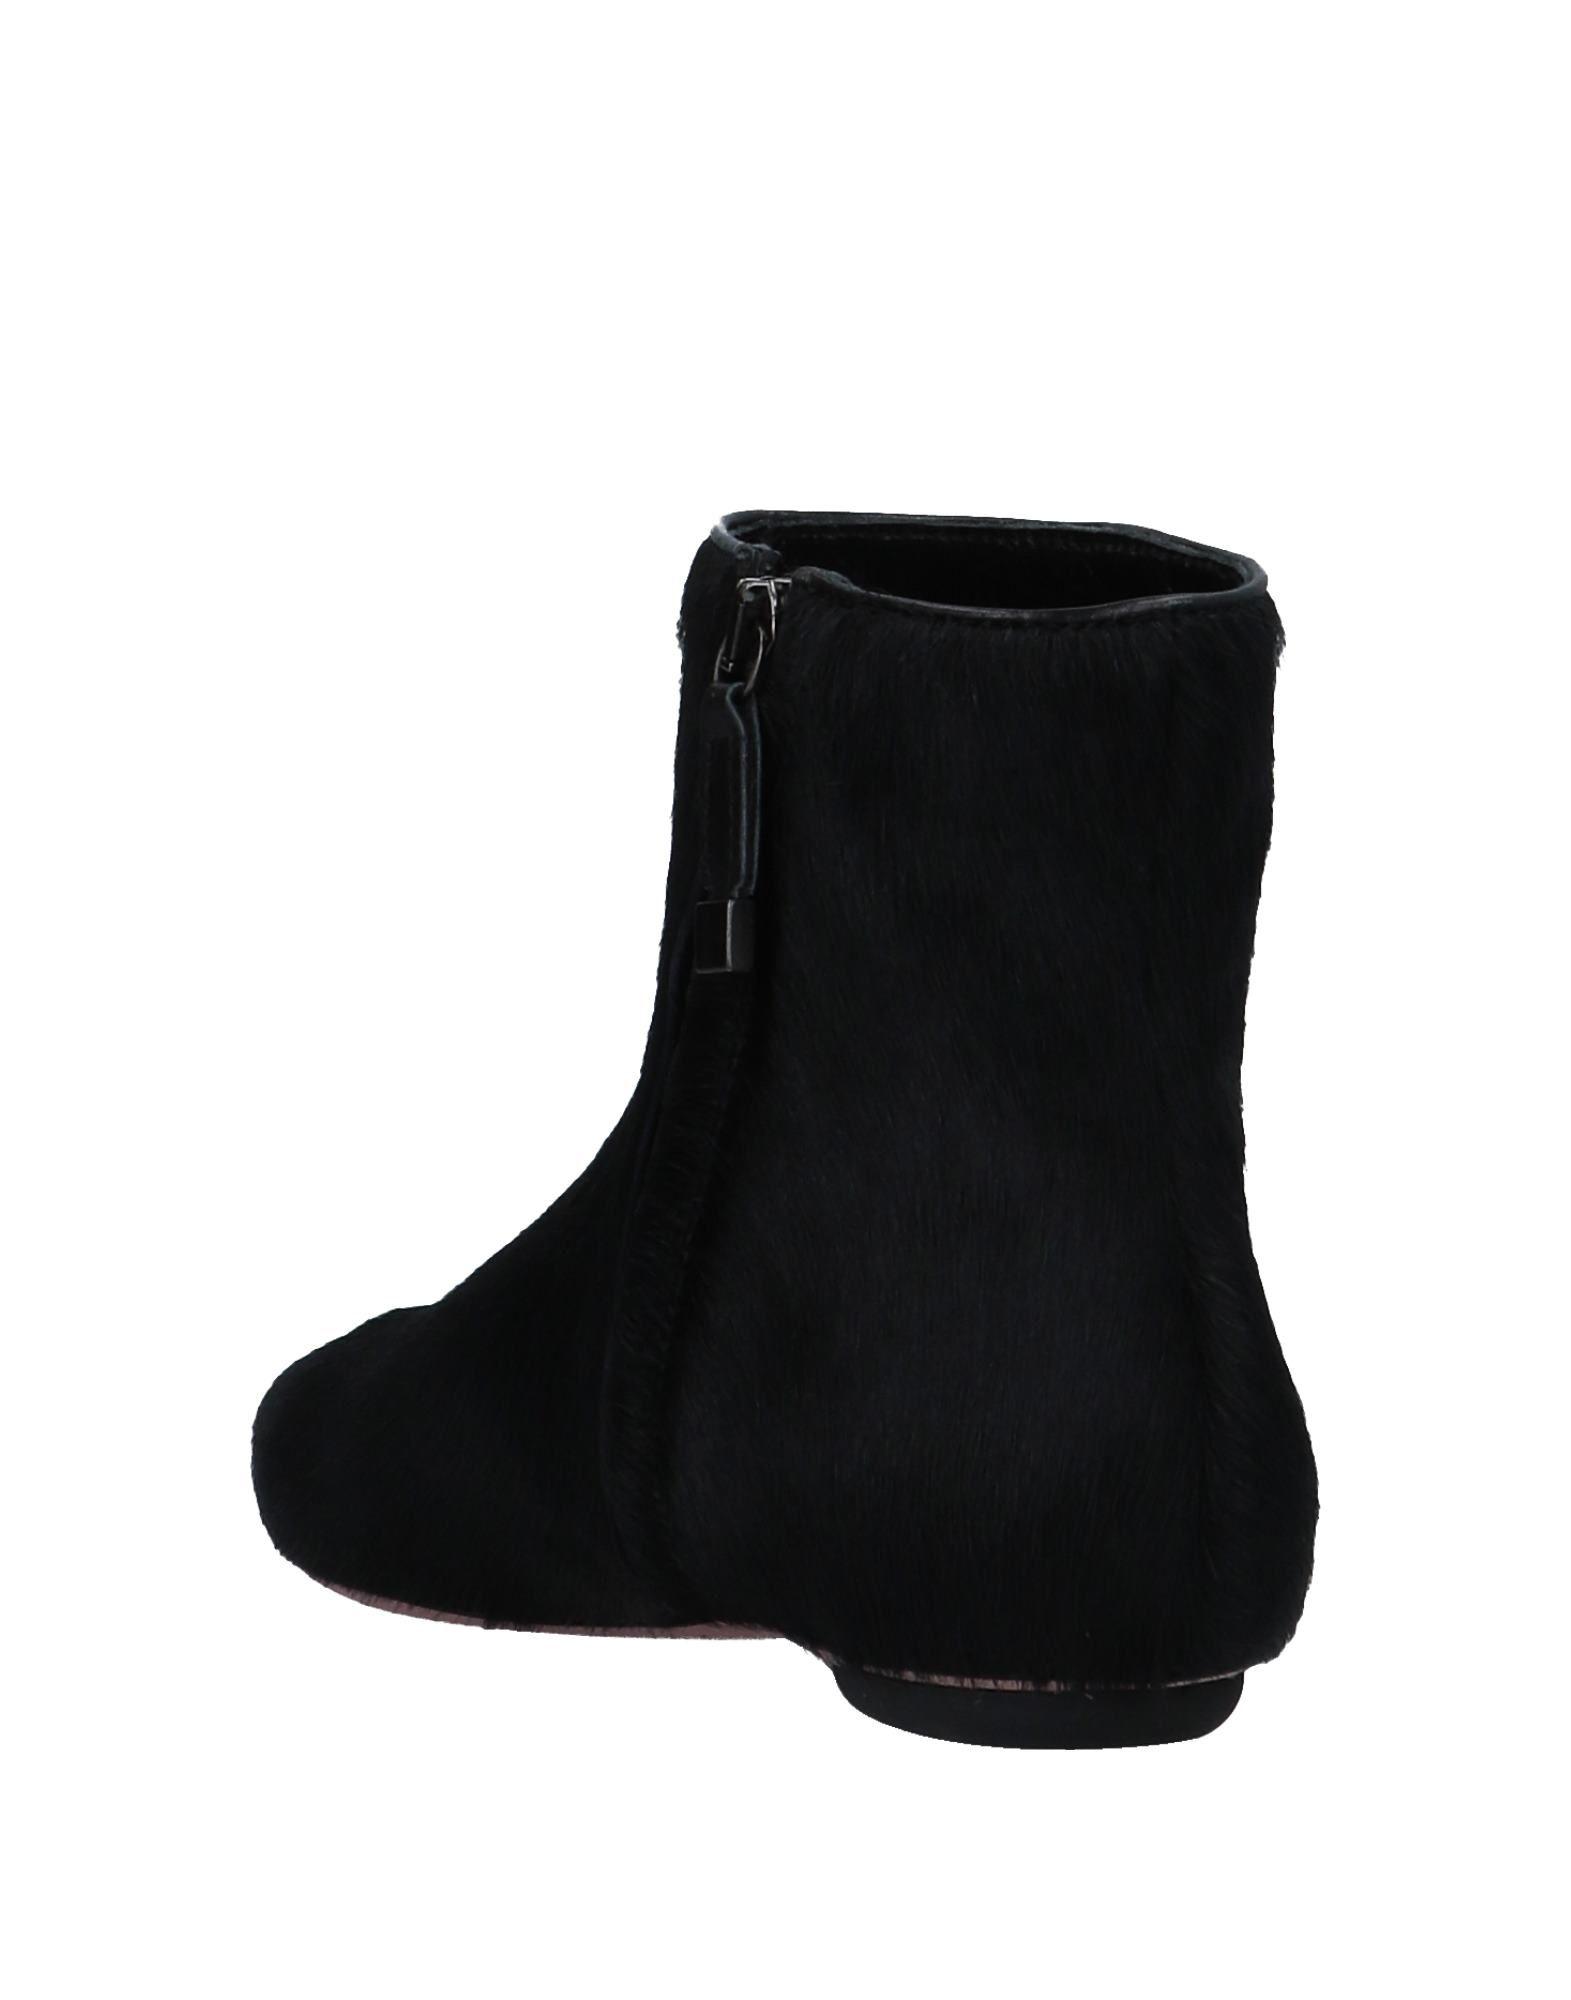 Liviana  Conti Stiefelette Damen  Liviana 11538468SWGut aussehende strapazierfähige Schuhe f47dea